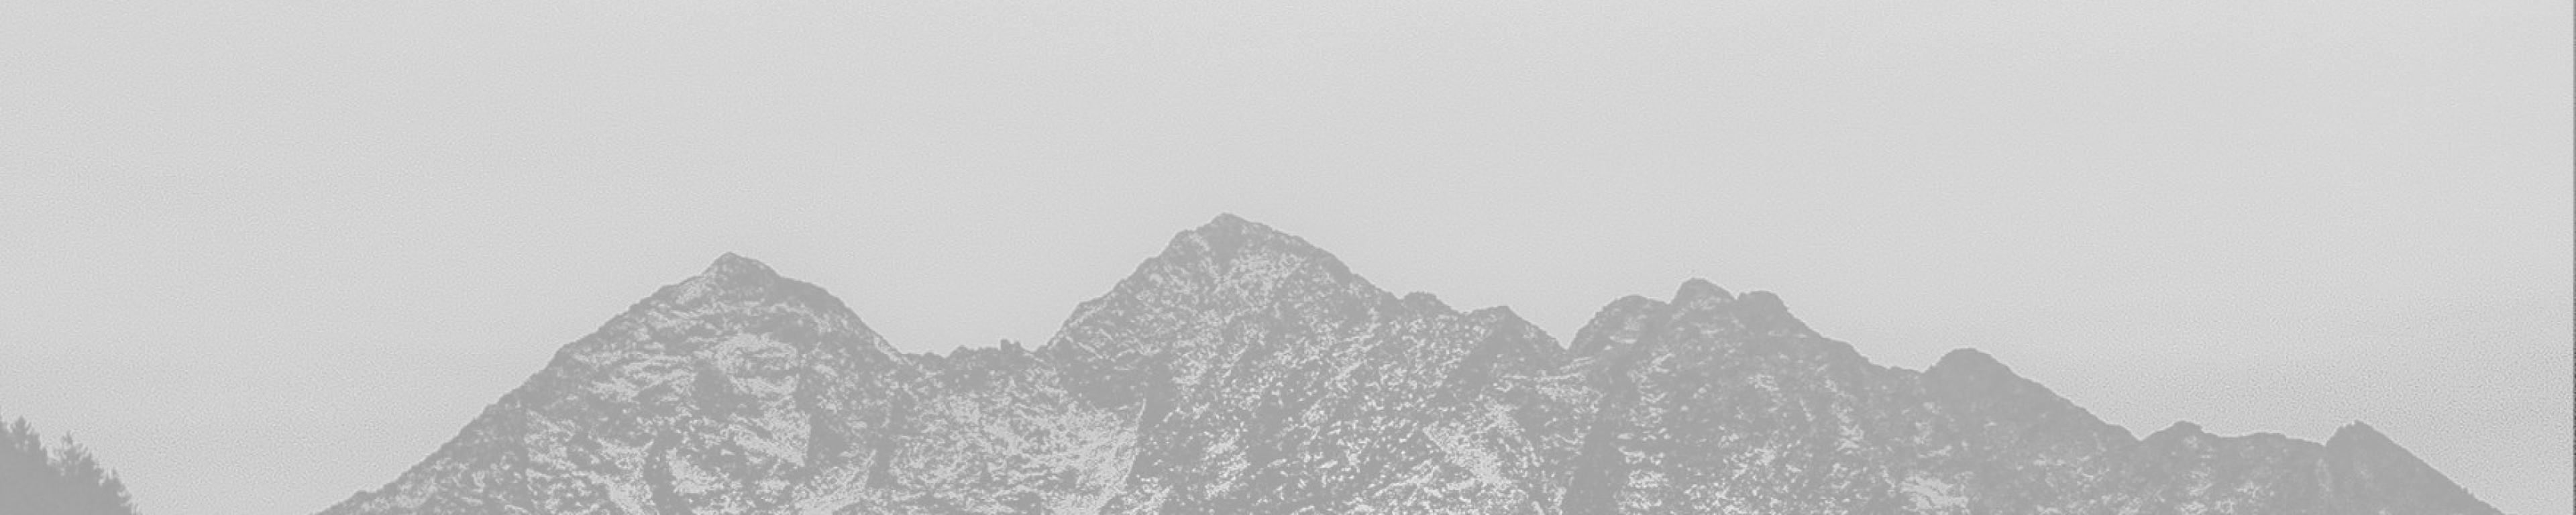 Mountaintop photo